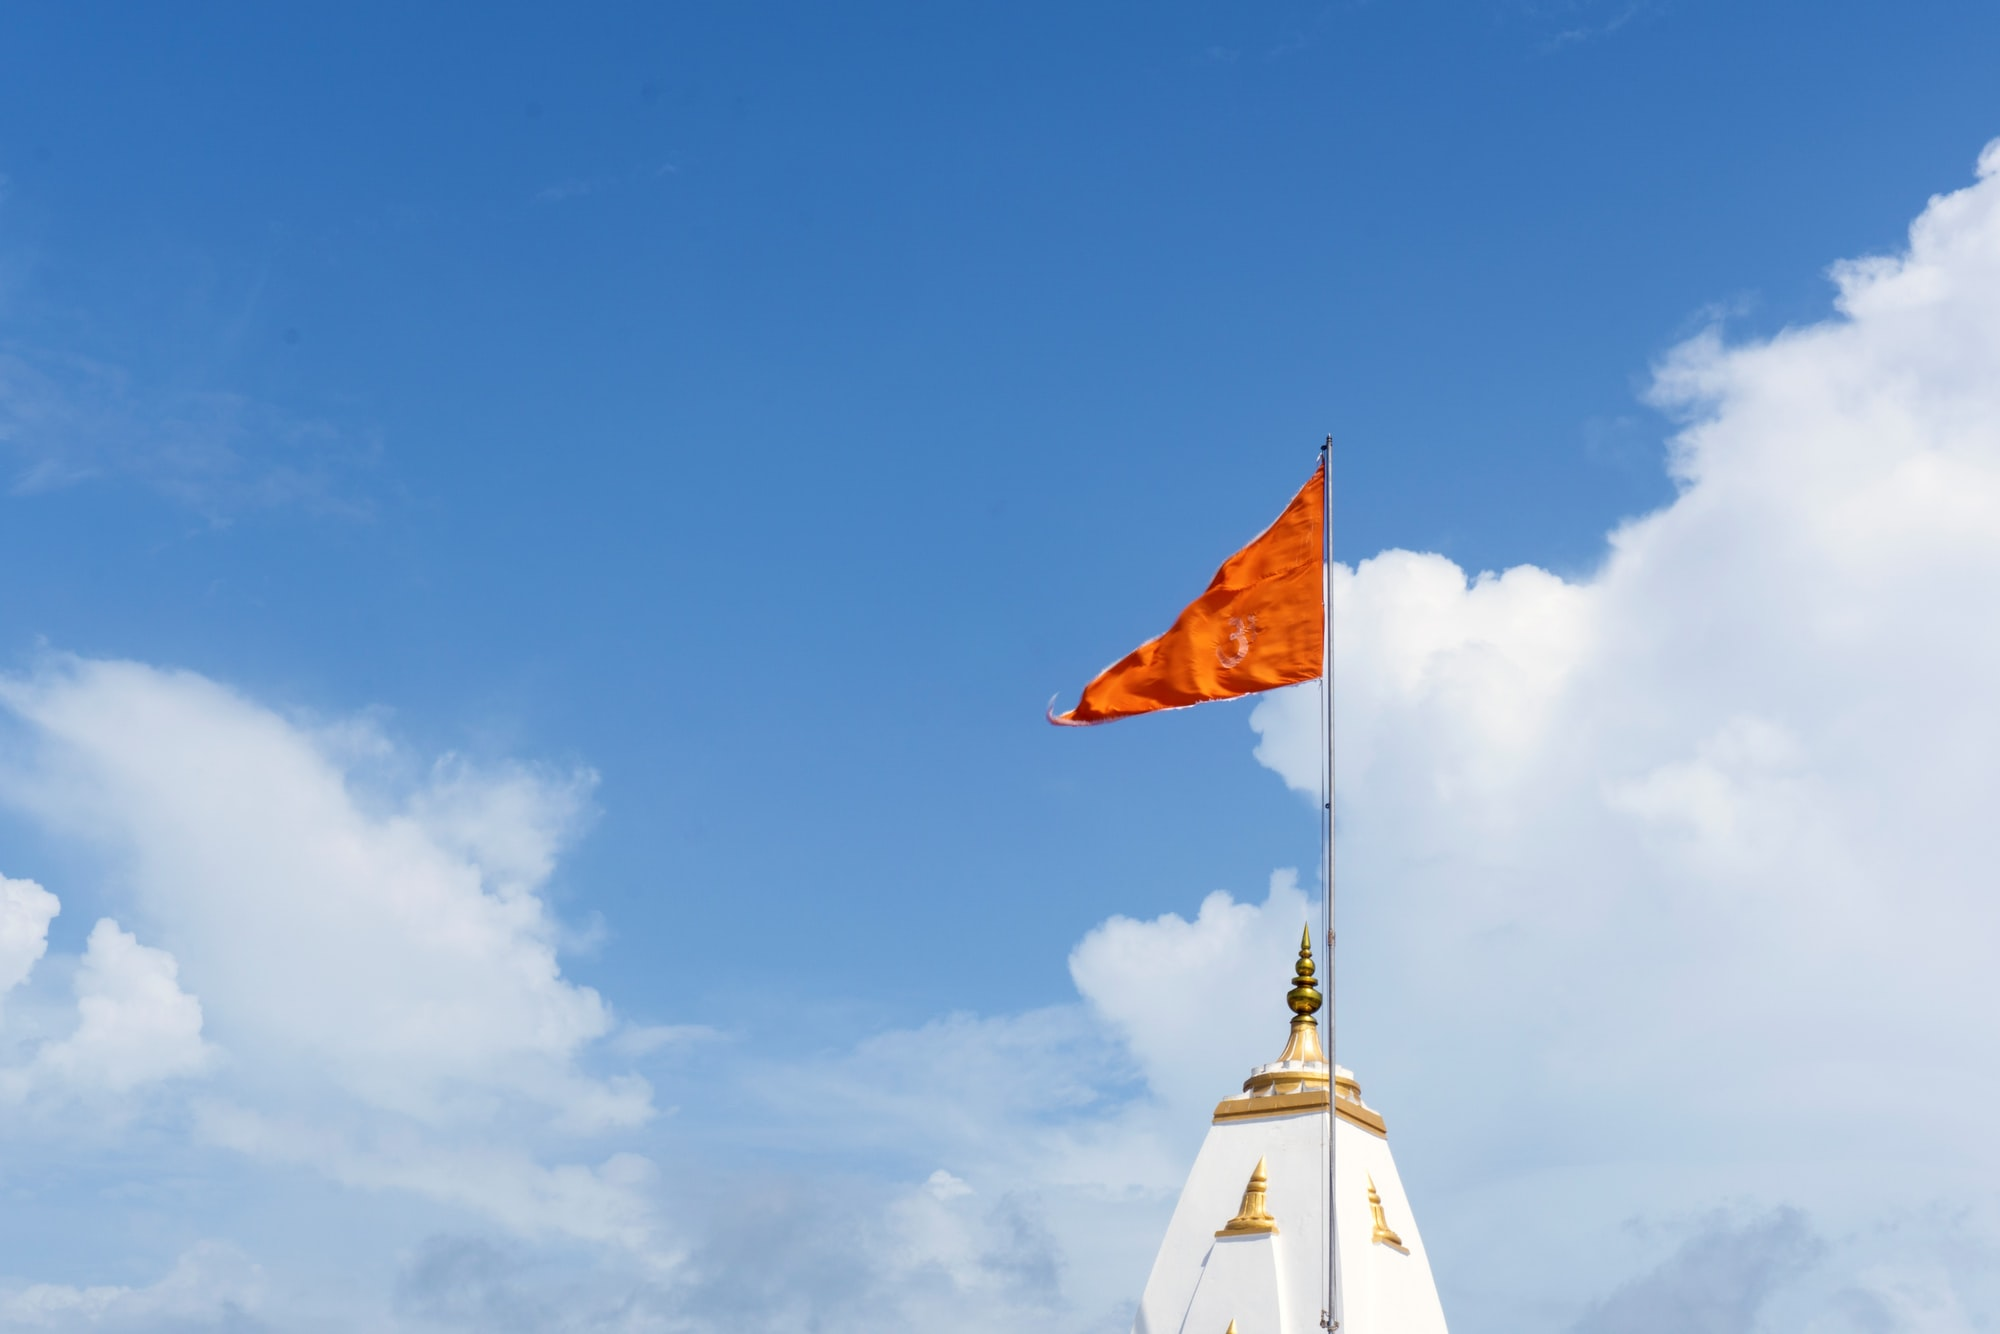 US, कनाडा में मनेगा हिंदू विरासत माह, दिखेगी भारत की सांस्कृतिक विरासत